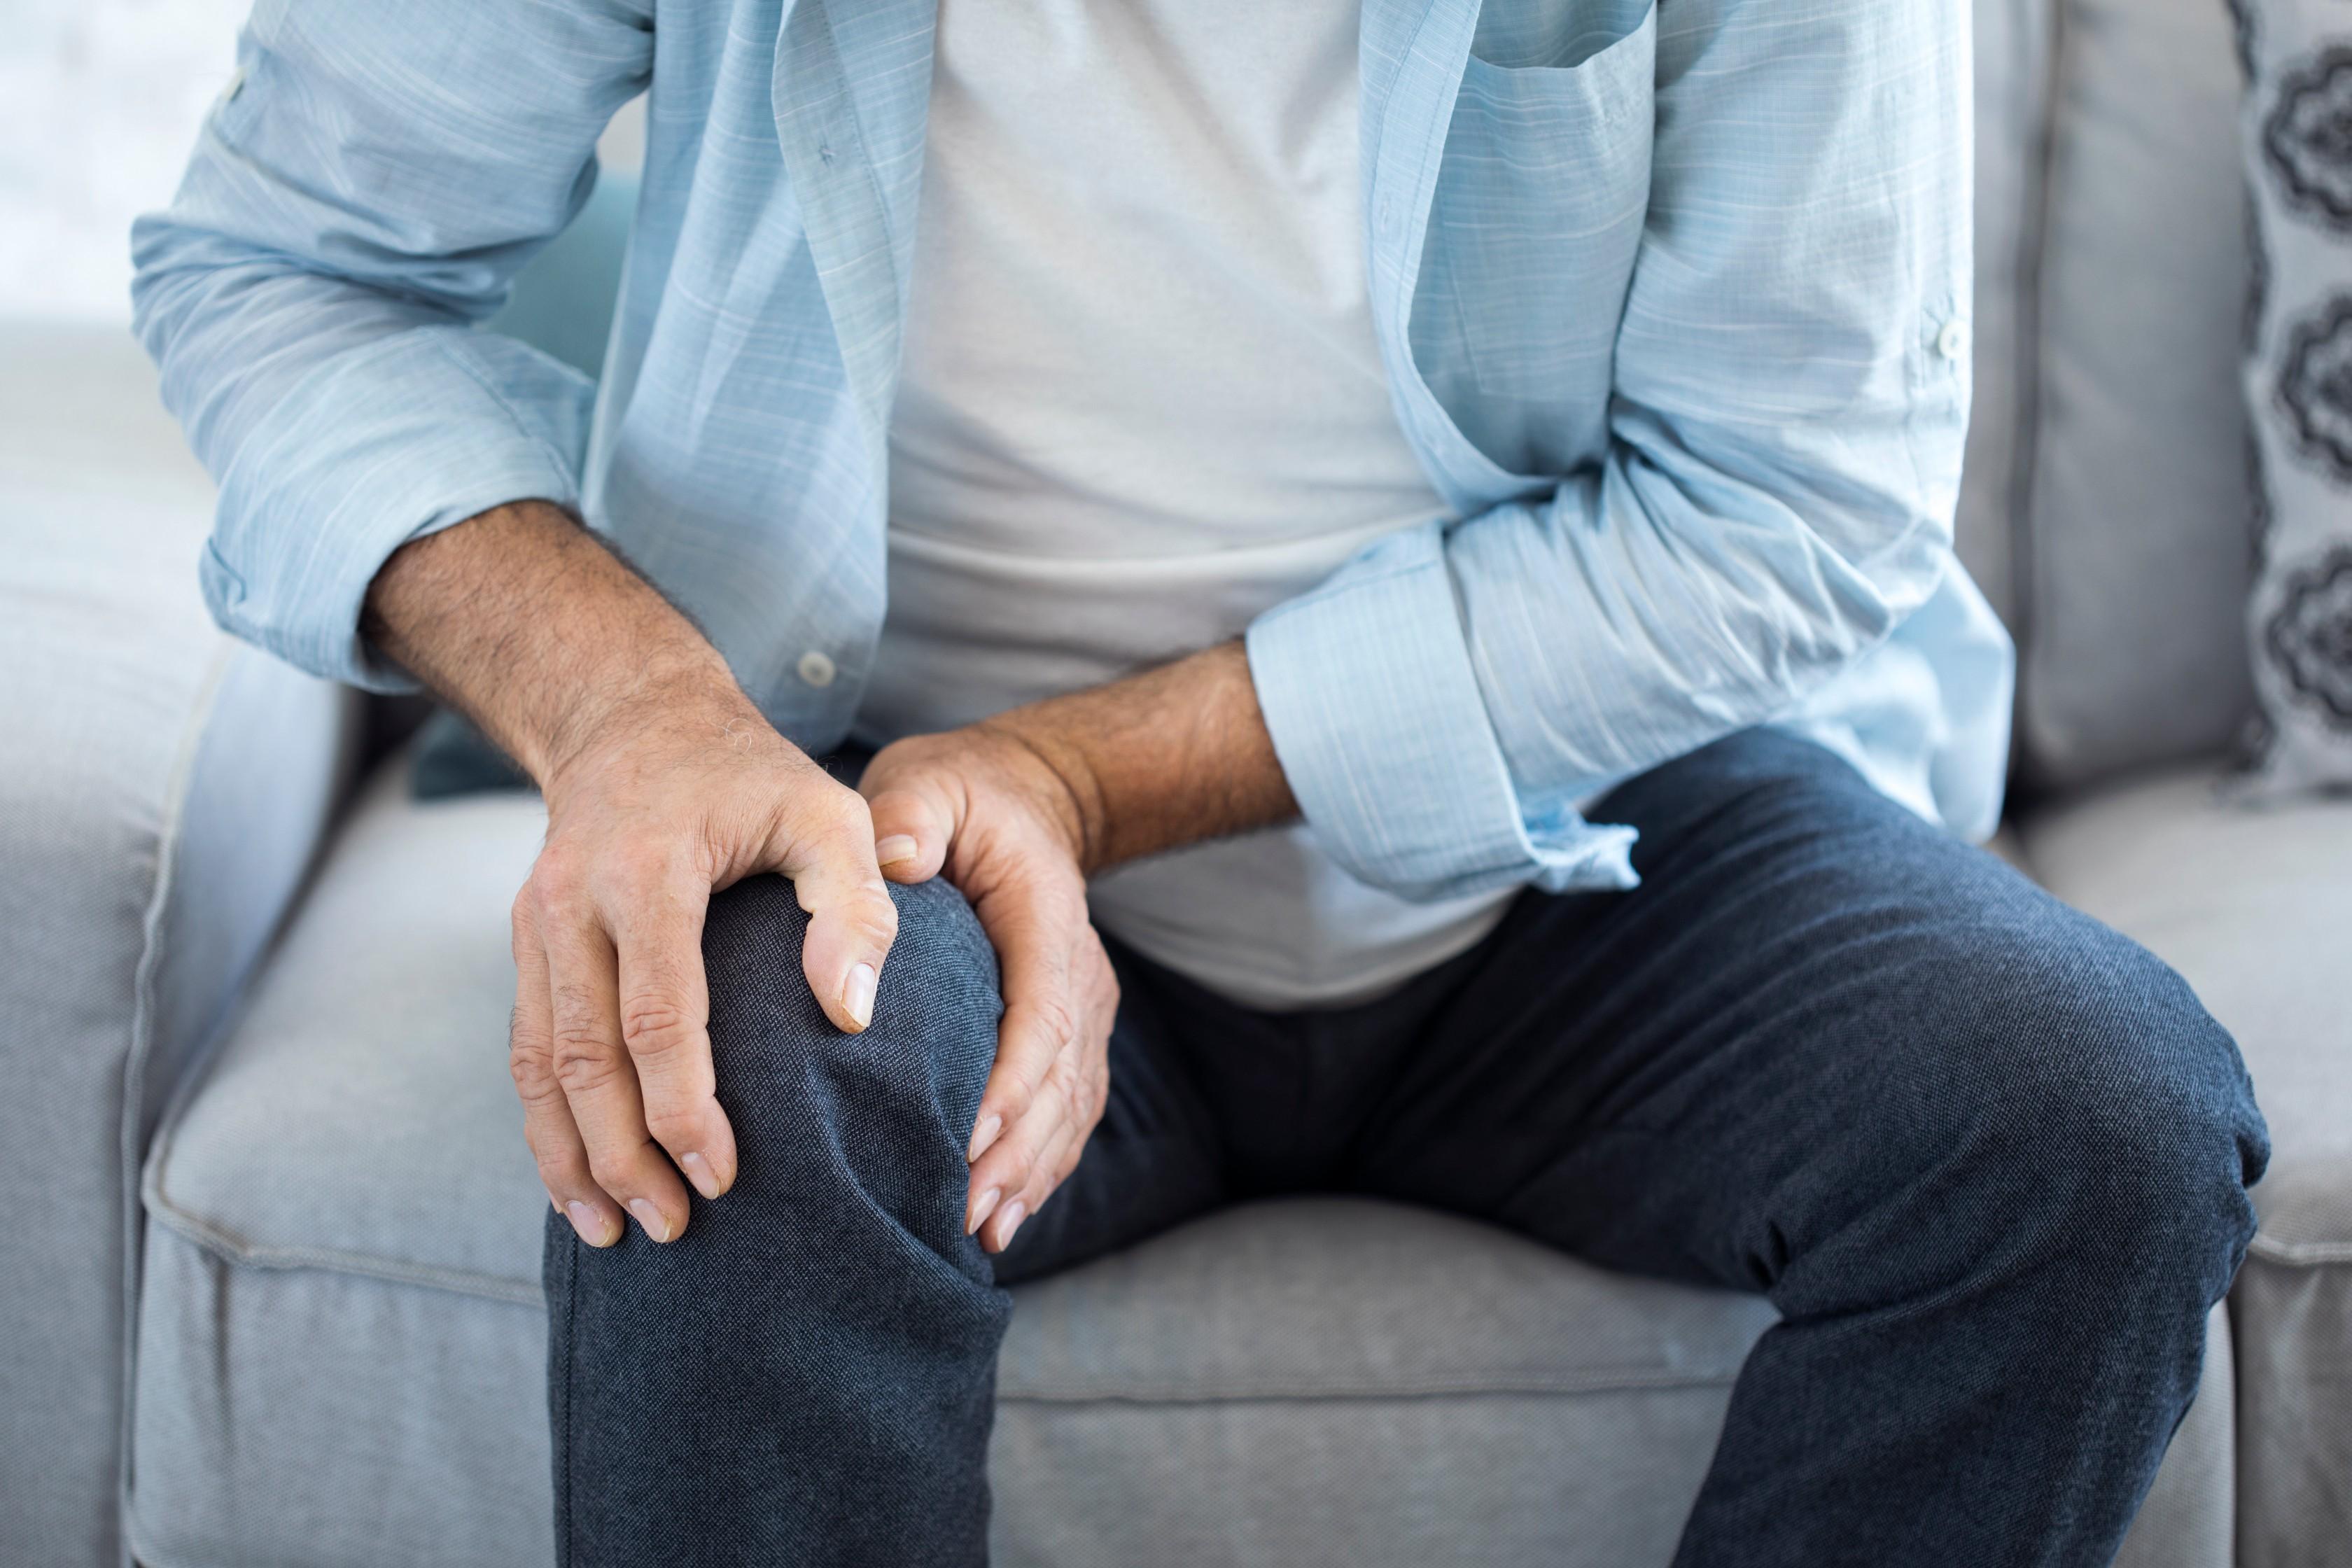 butakova ízületi fájdalom ízületi fájdalom oka artroplasztika után